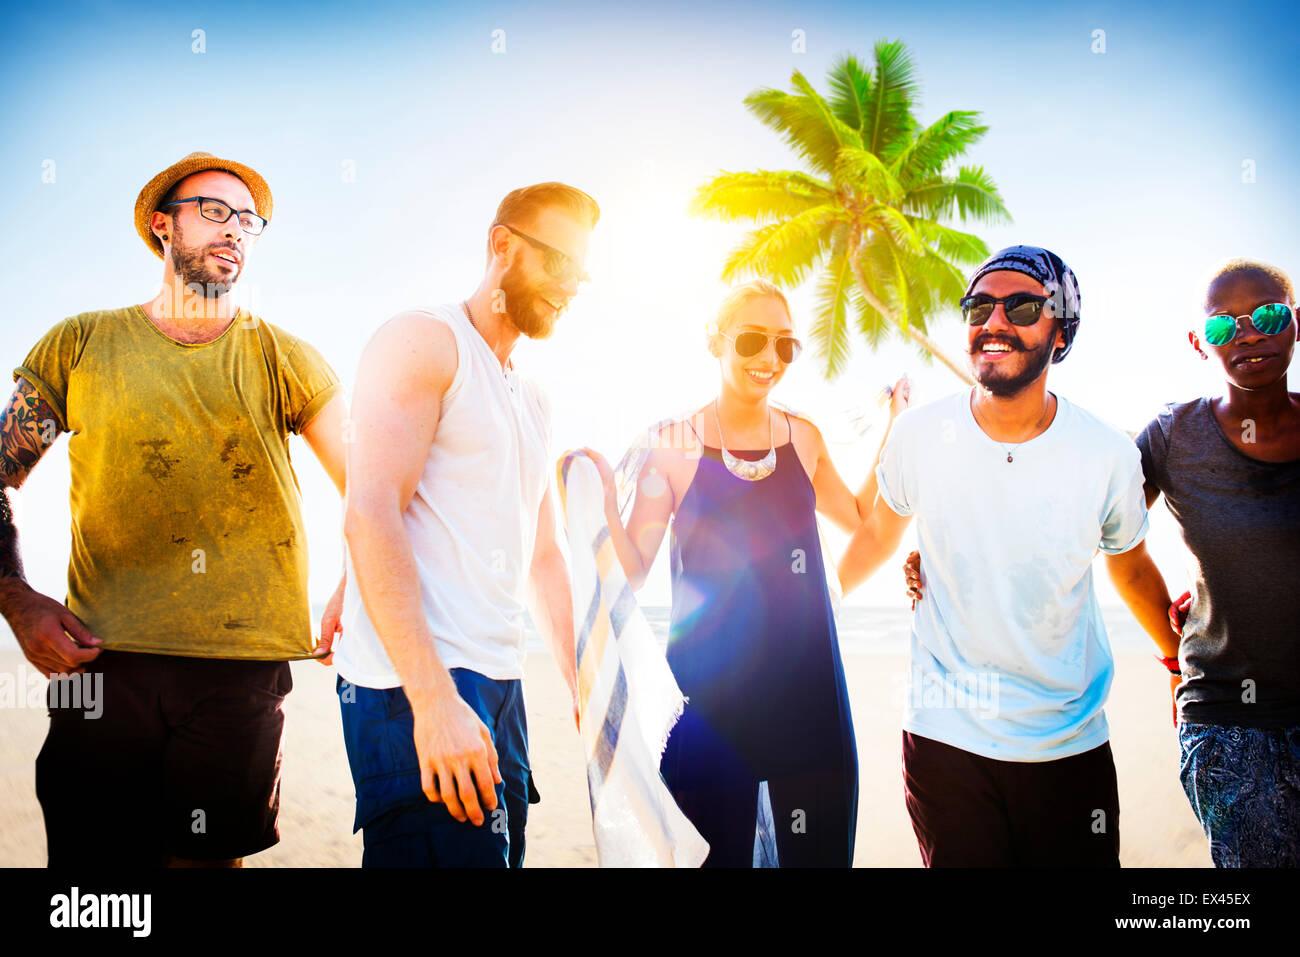 Freundschaft-Bonding-Entspannung-Sommer-Strand-Glück-Konzept Stockbild